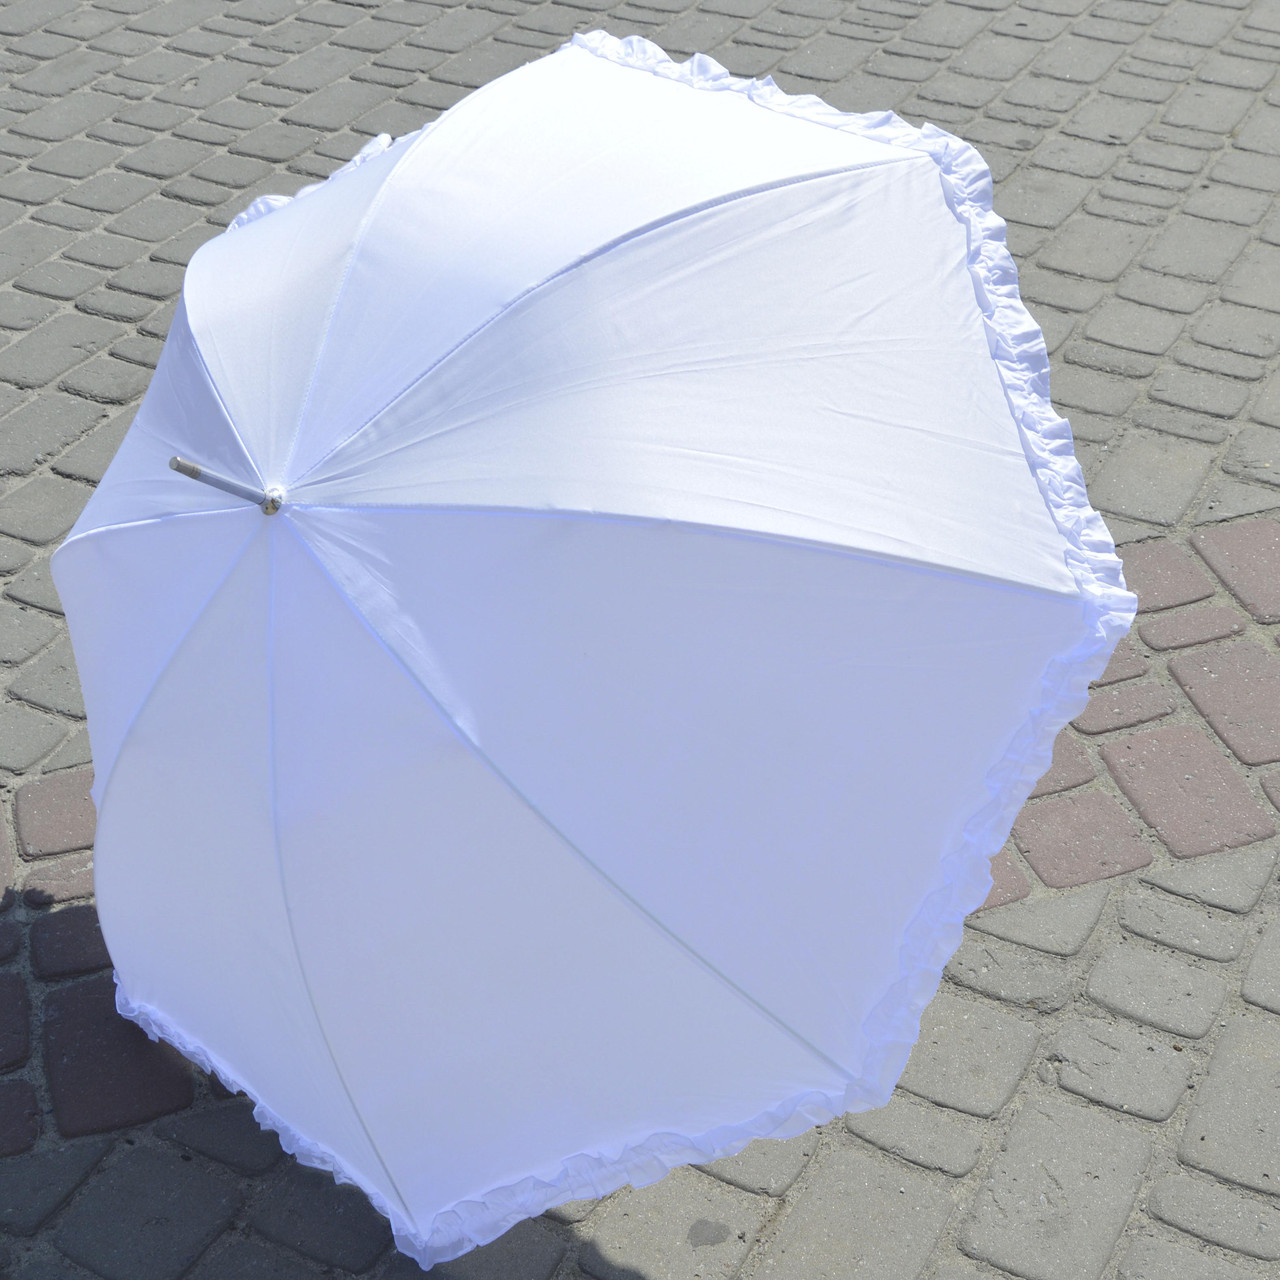 Зонтик Белоснежный